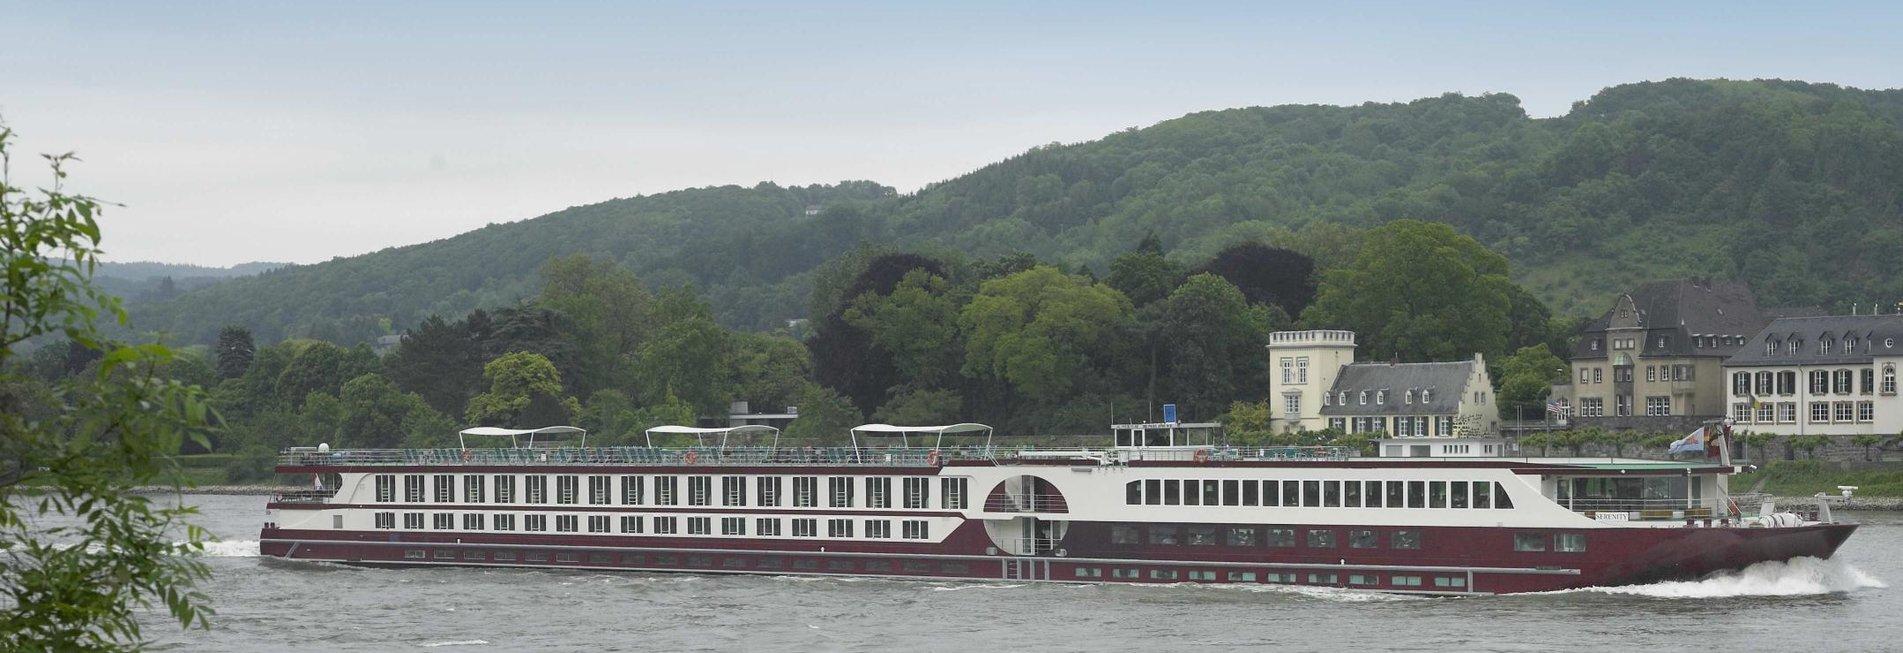 Donau-Flusskreuzfahrt mit MS Serenity | Reise #3455